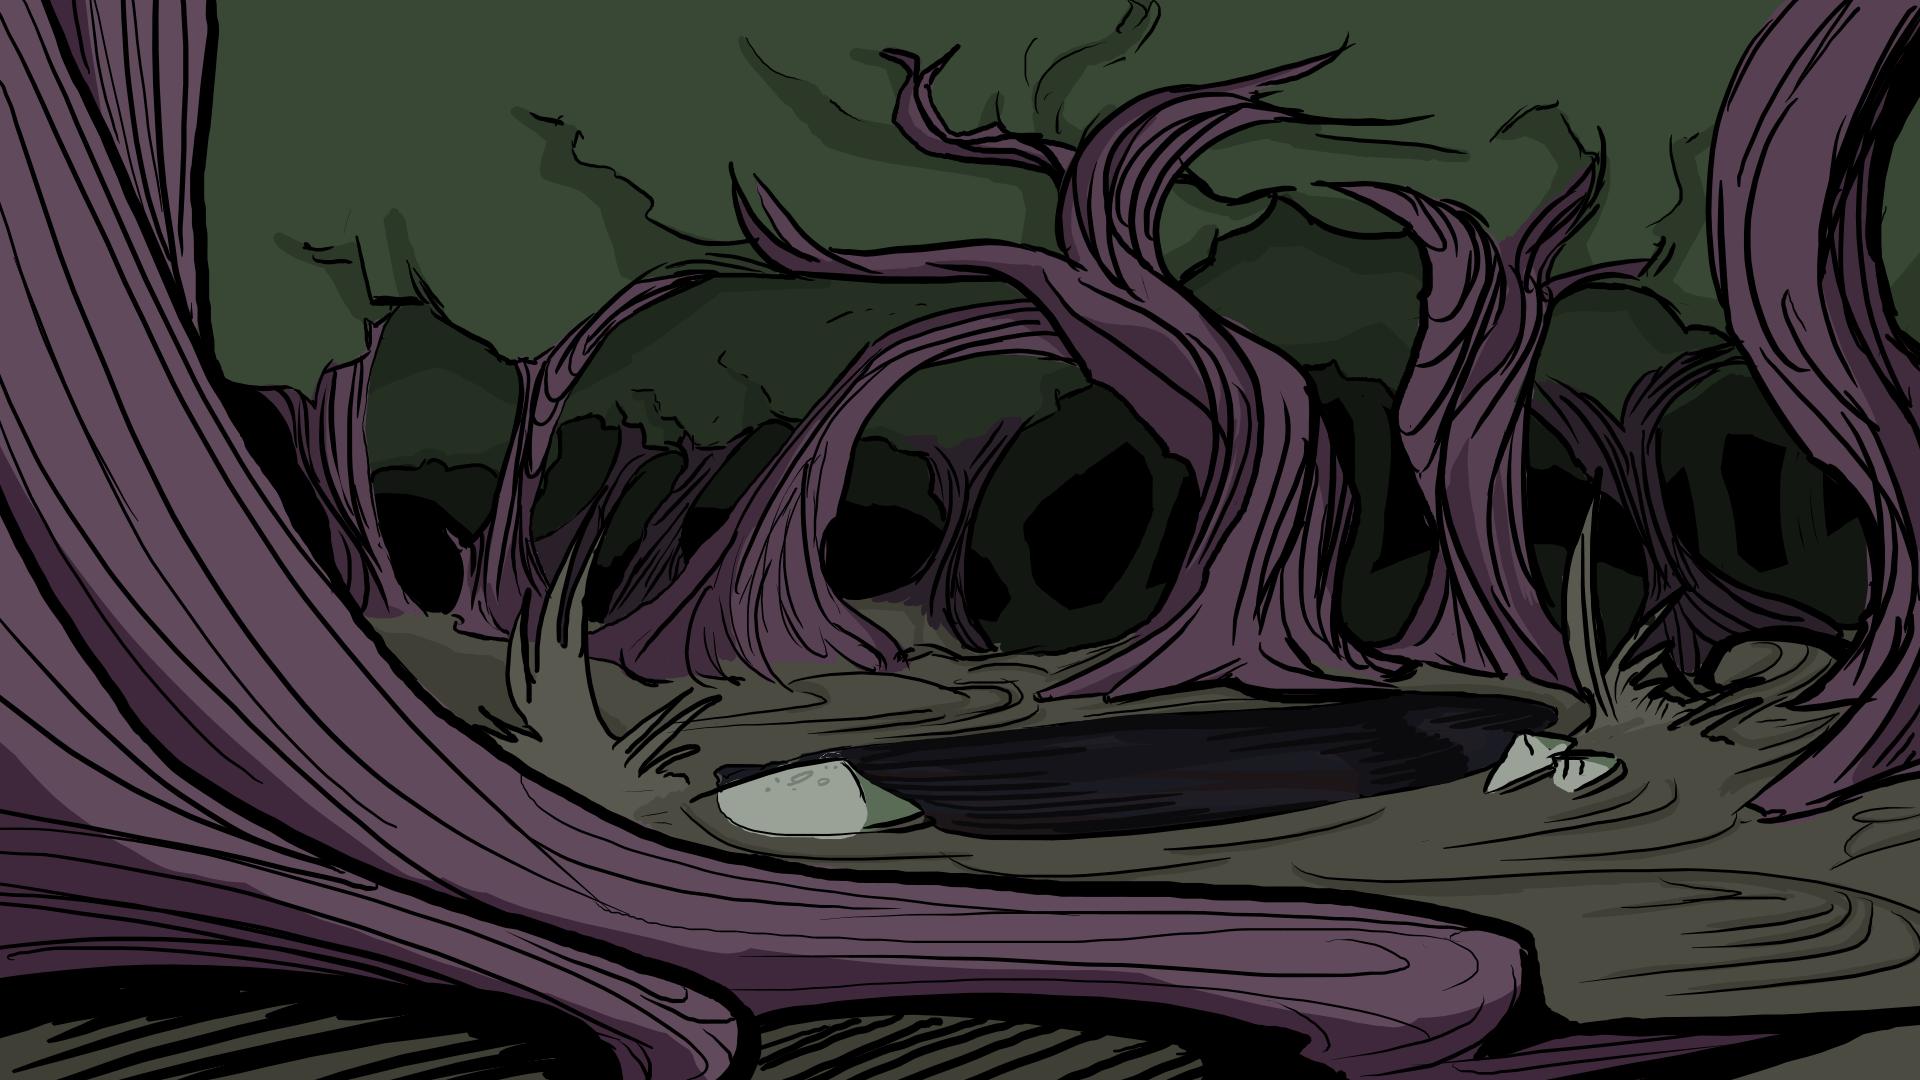 Swamp/dark forest background